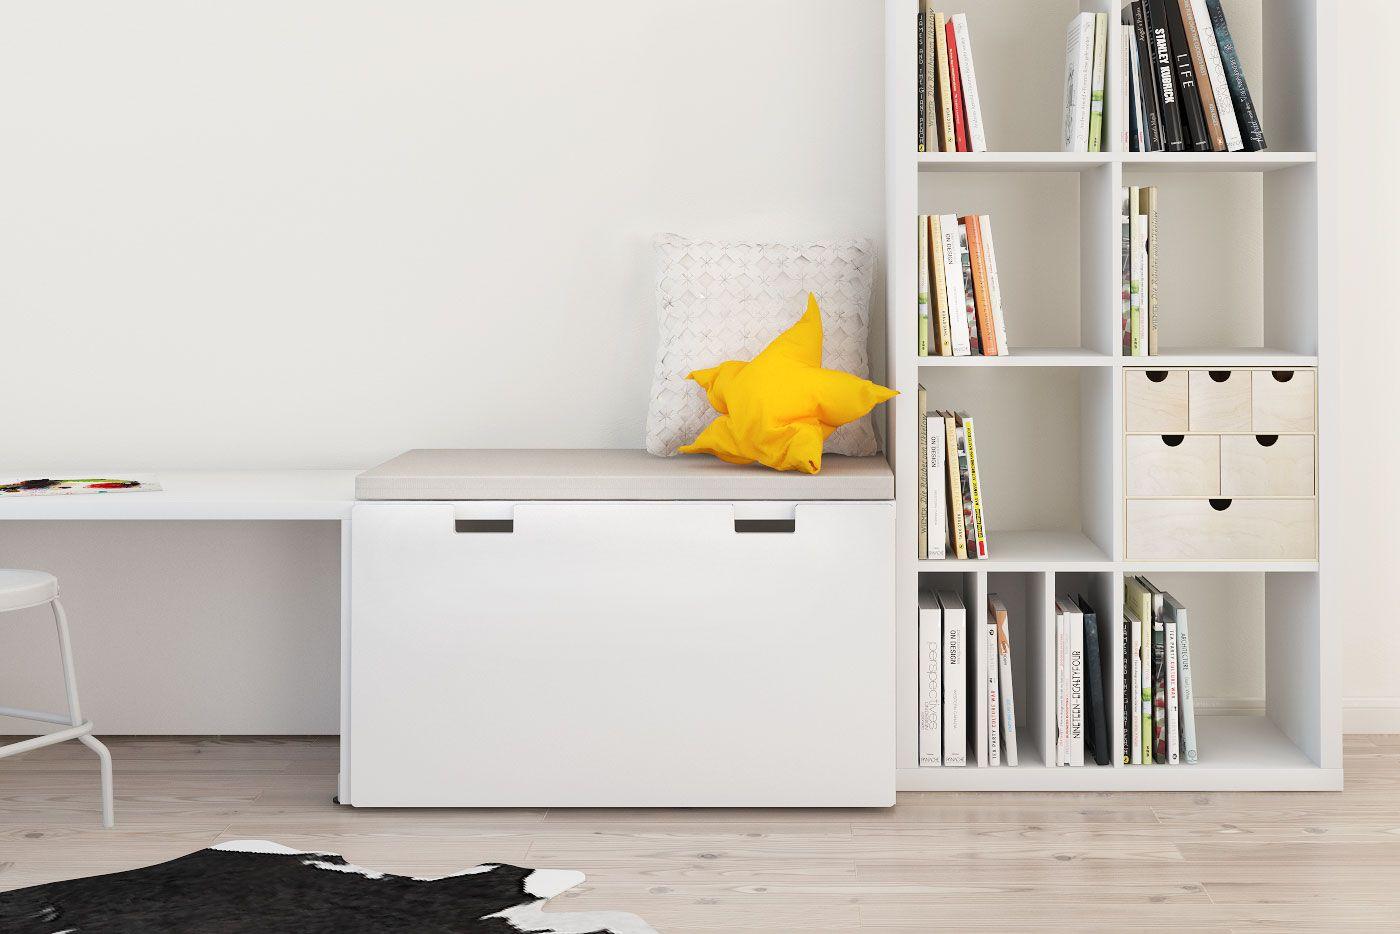 Sitzauflage für Ikea Stuva Banktruhe in 2020 (mit Bildern